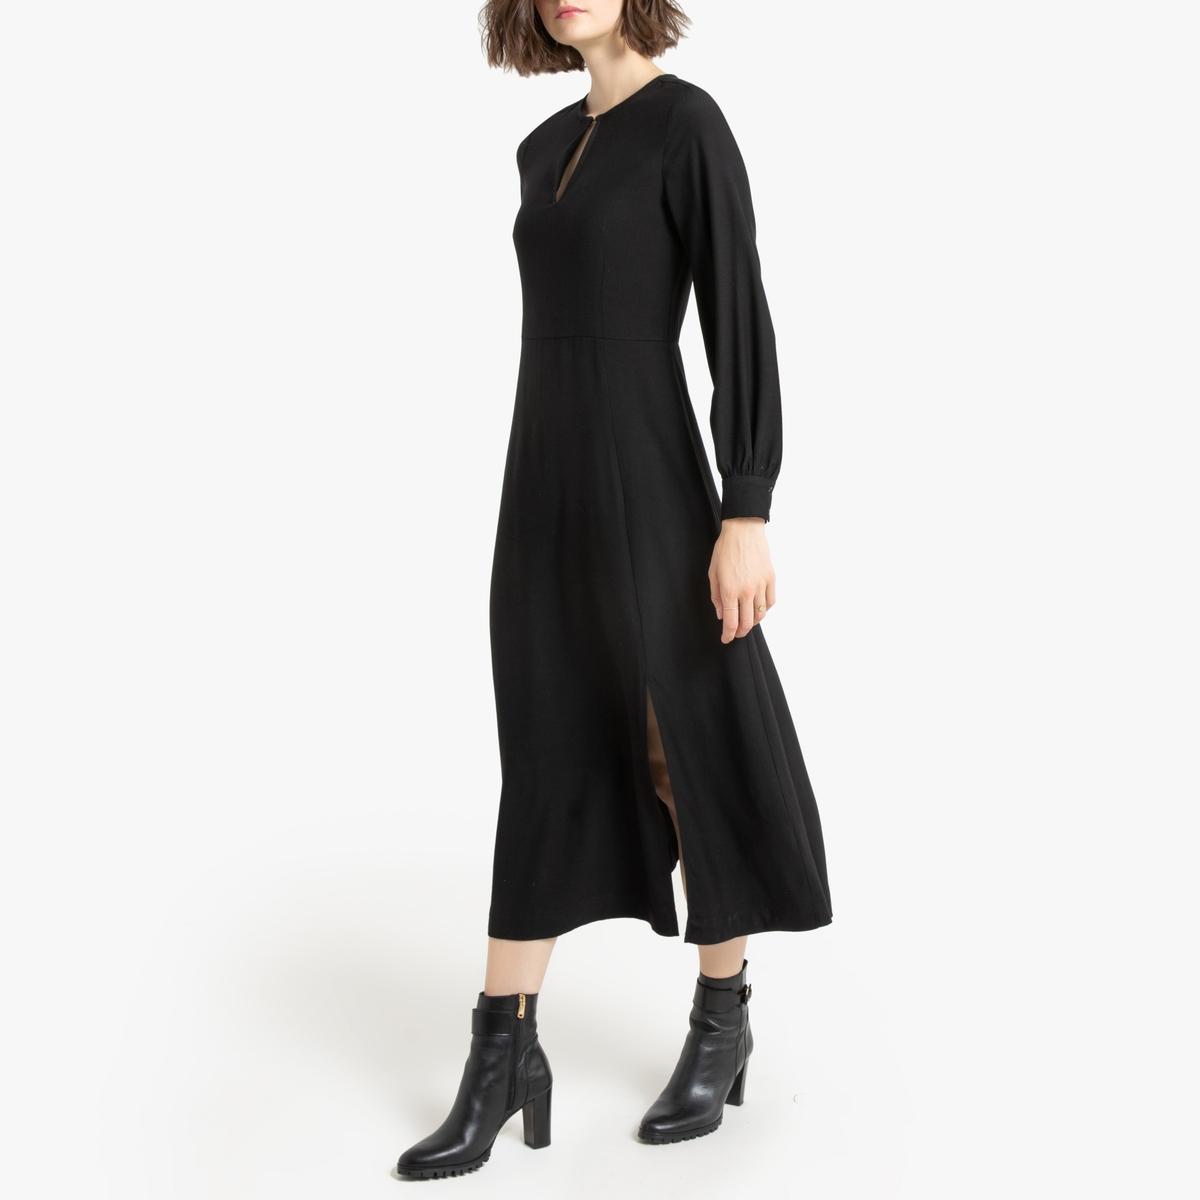 Платье La Redoute Макси с длинными рукавами 36 (FR) - 42 (RUS) черный платье la redoute радужное estelle 36 fr 42 rus черный